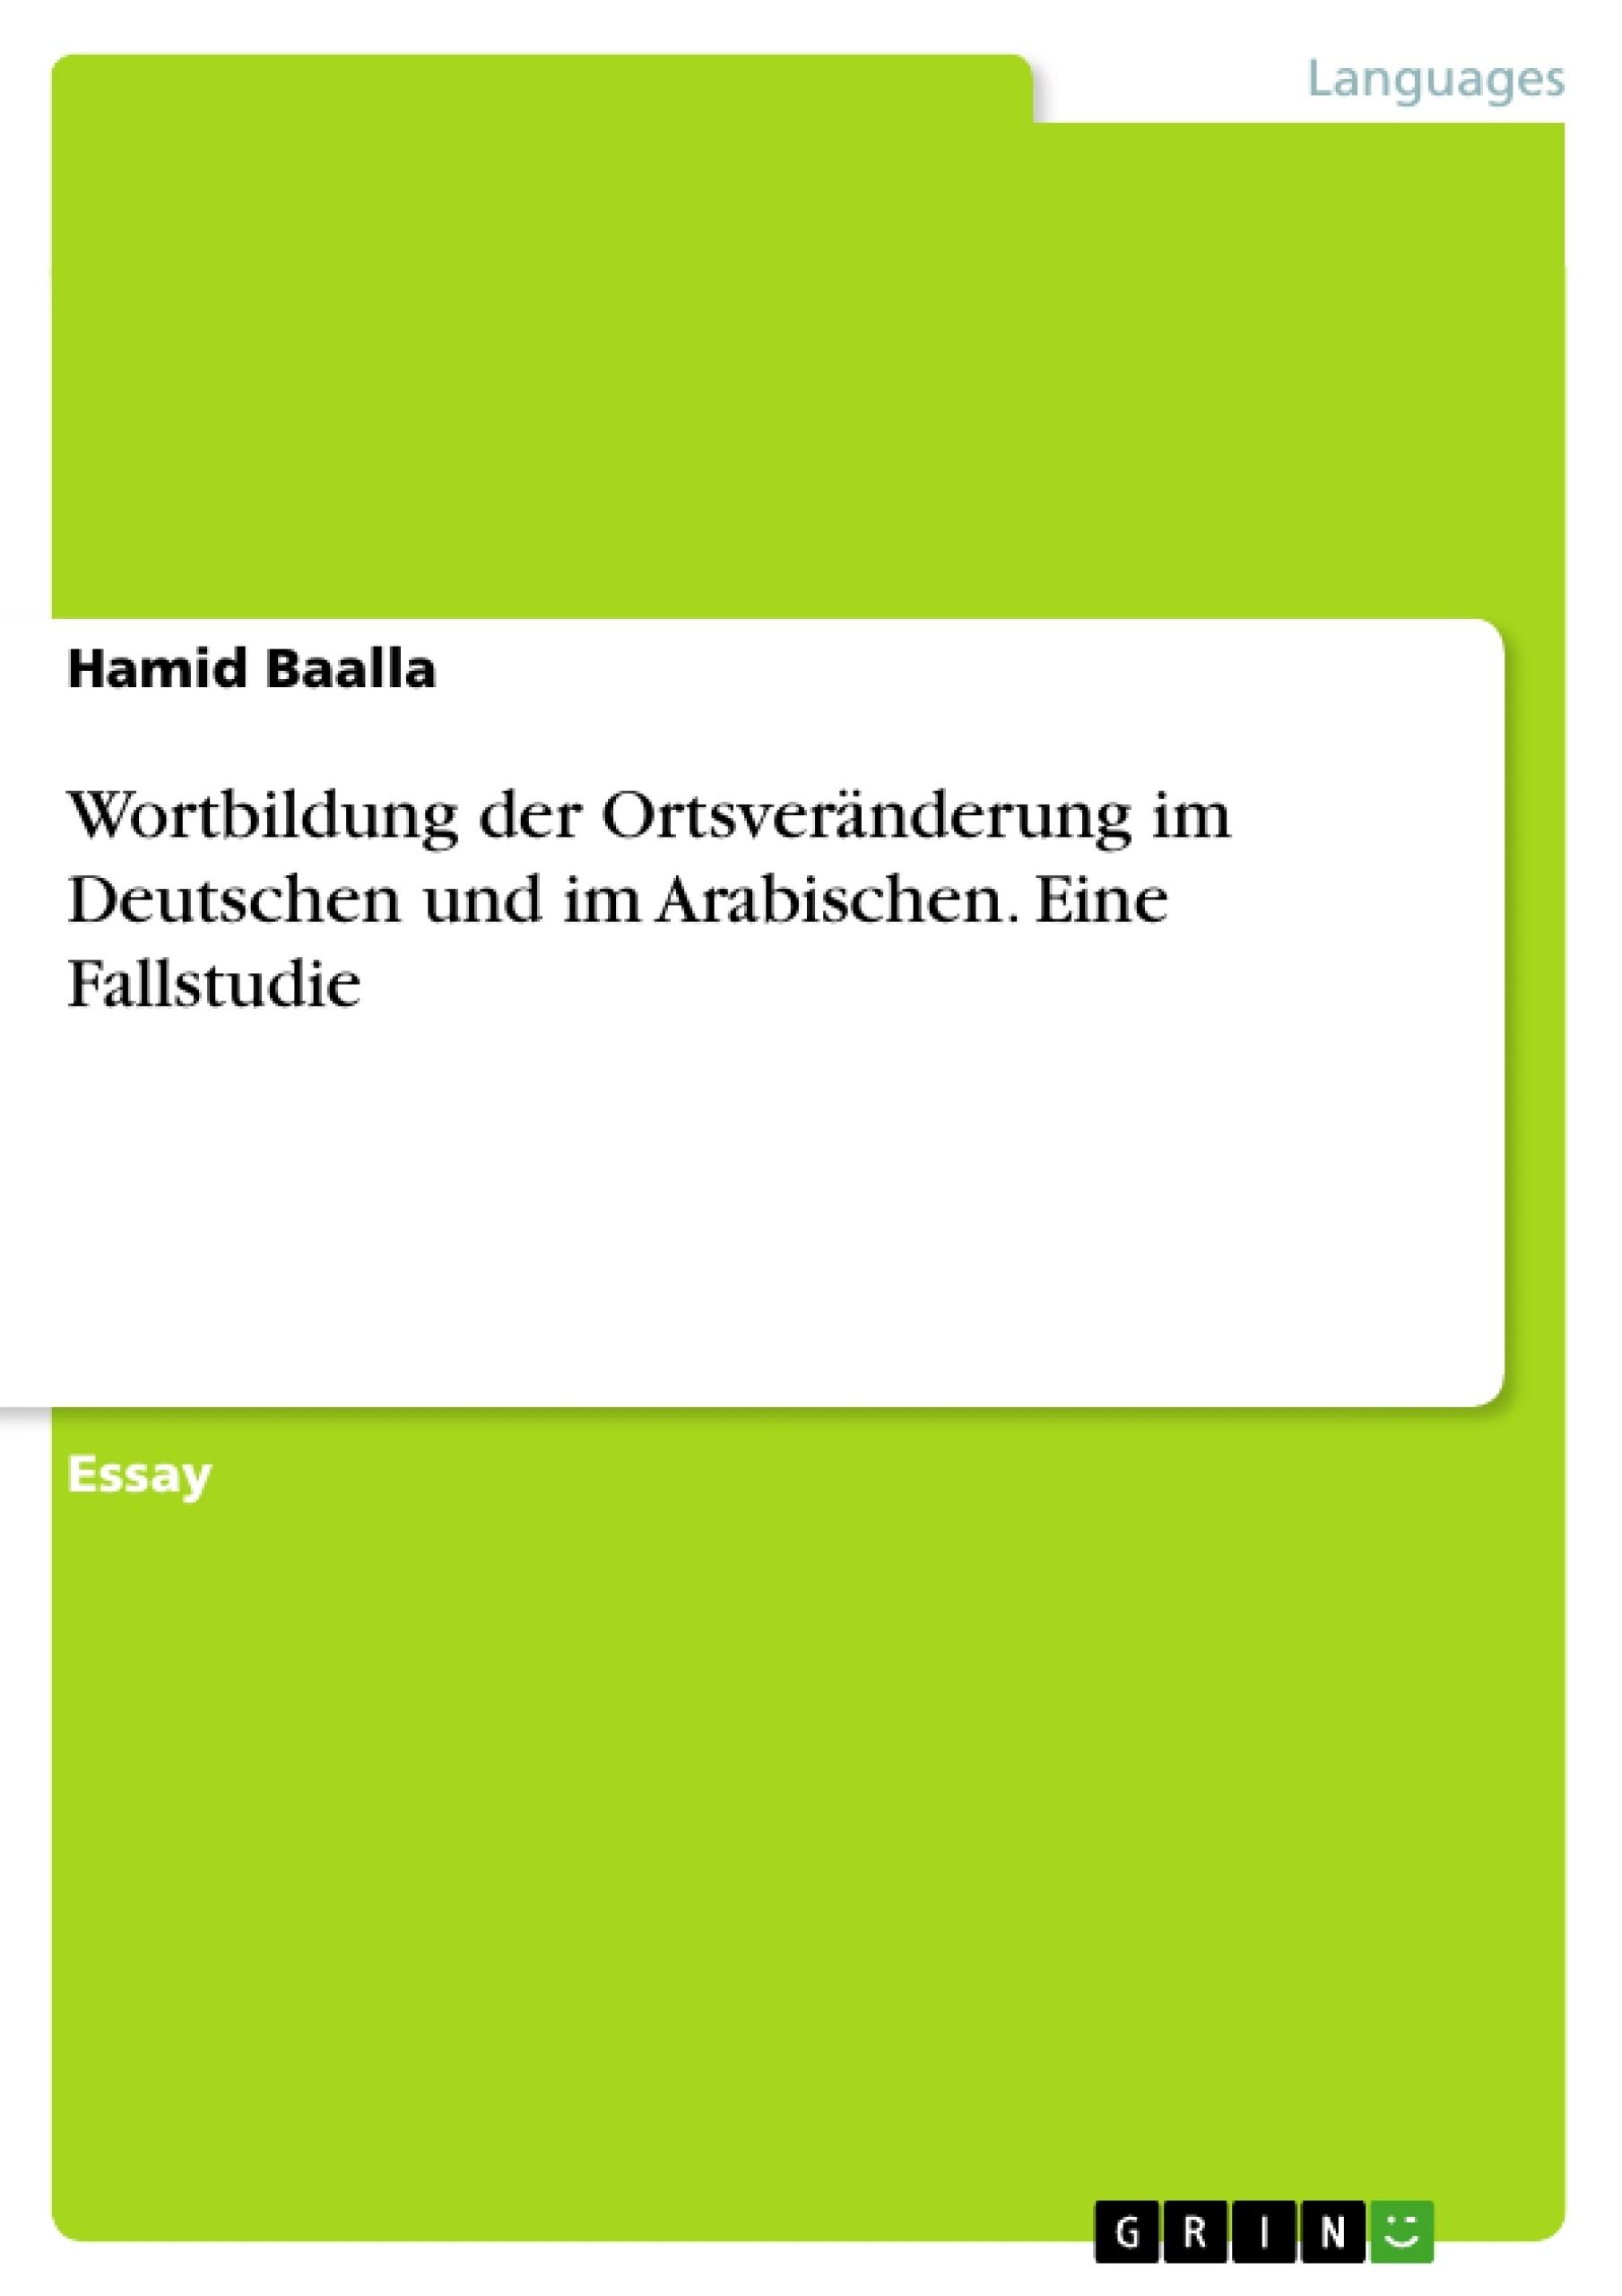 Title: Wortbildung der Ortsveränderung im Deutschen und im Arabischen. Eine Fallstudie